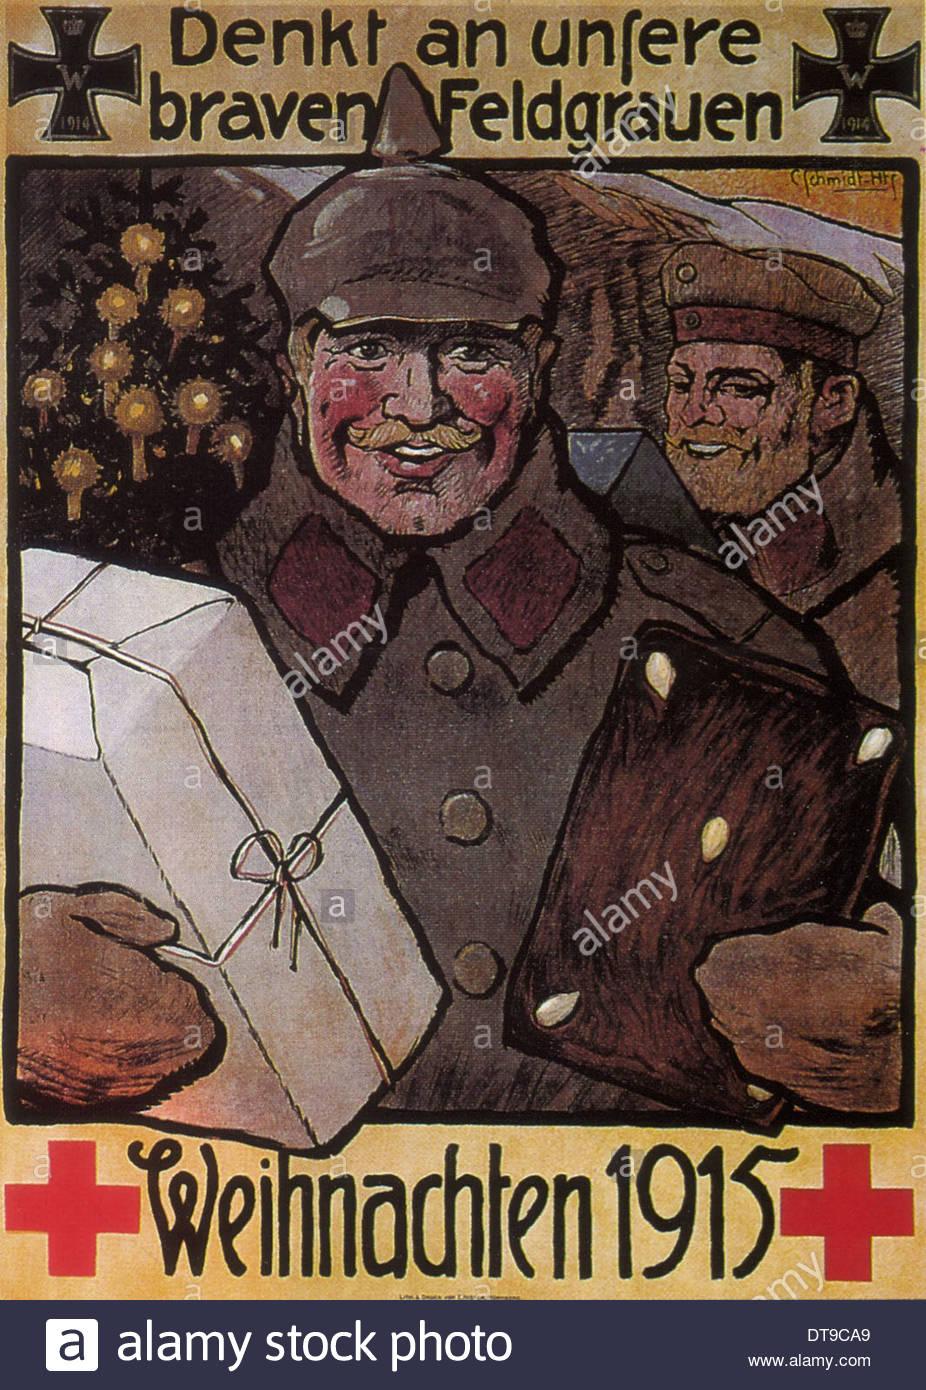 Vergessen Sie nicht unsere gute Männer in Feld grau. Weihnachten ...